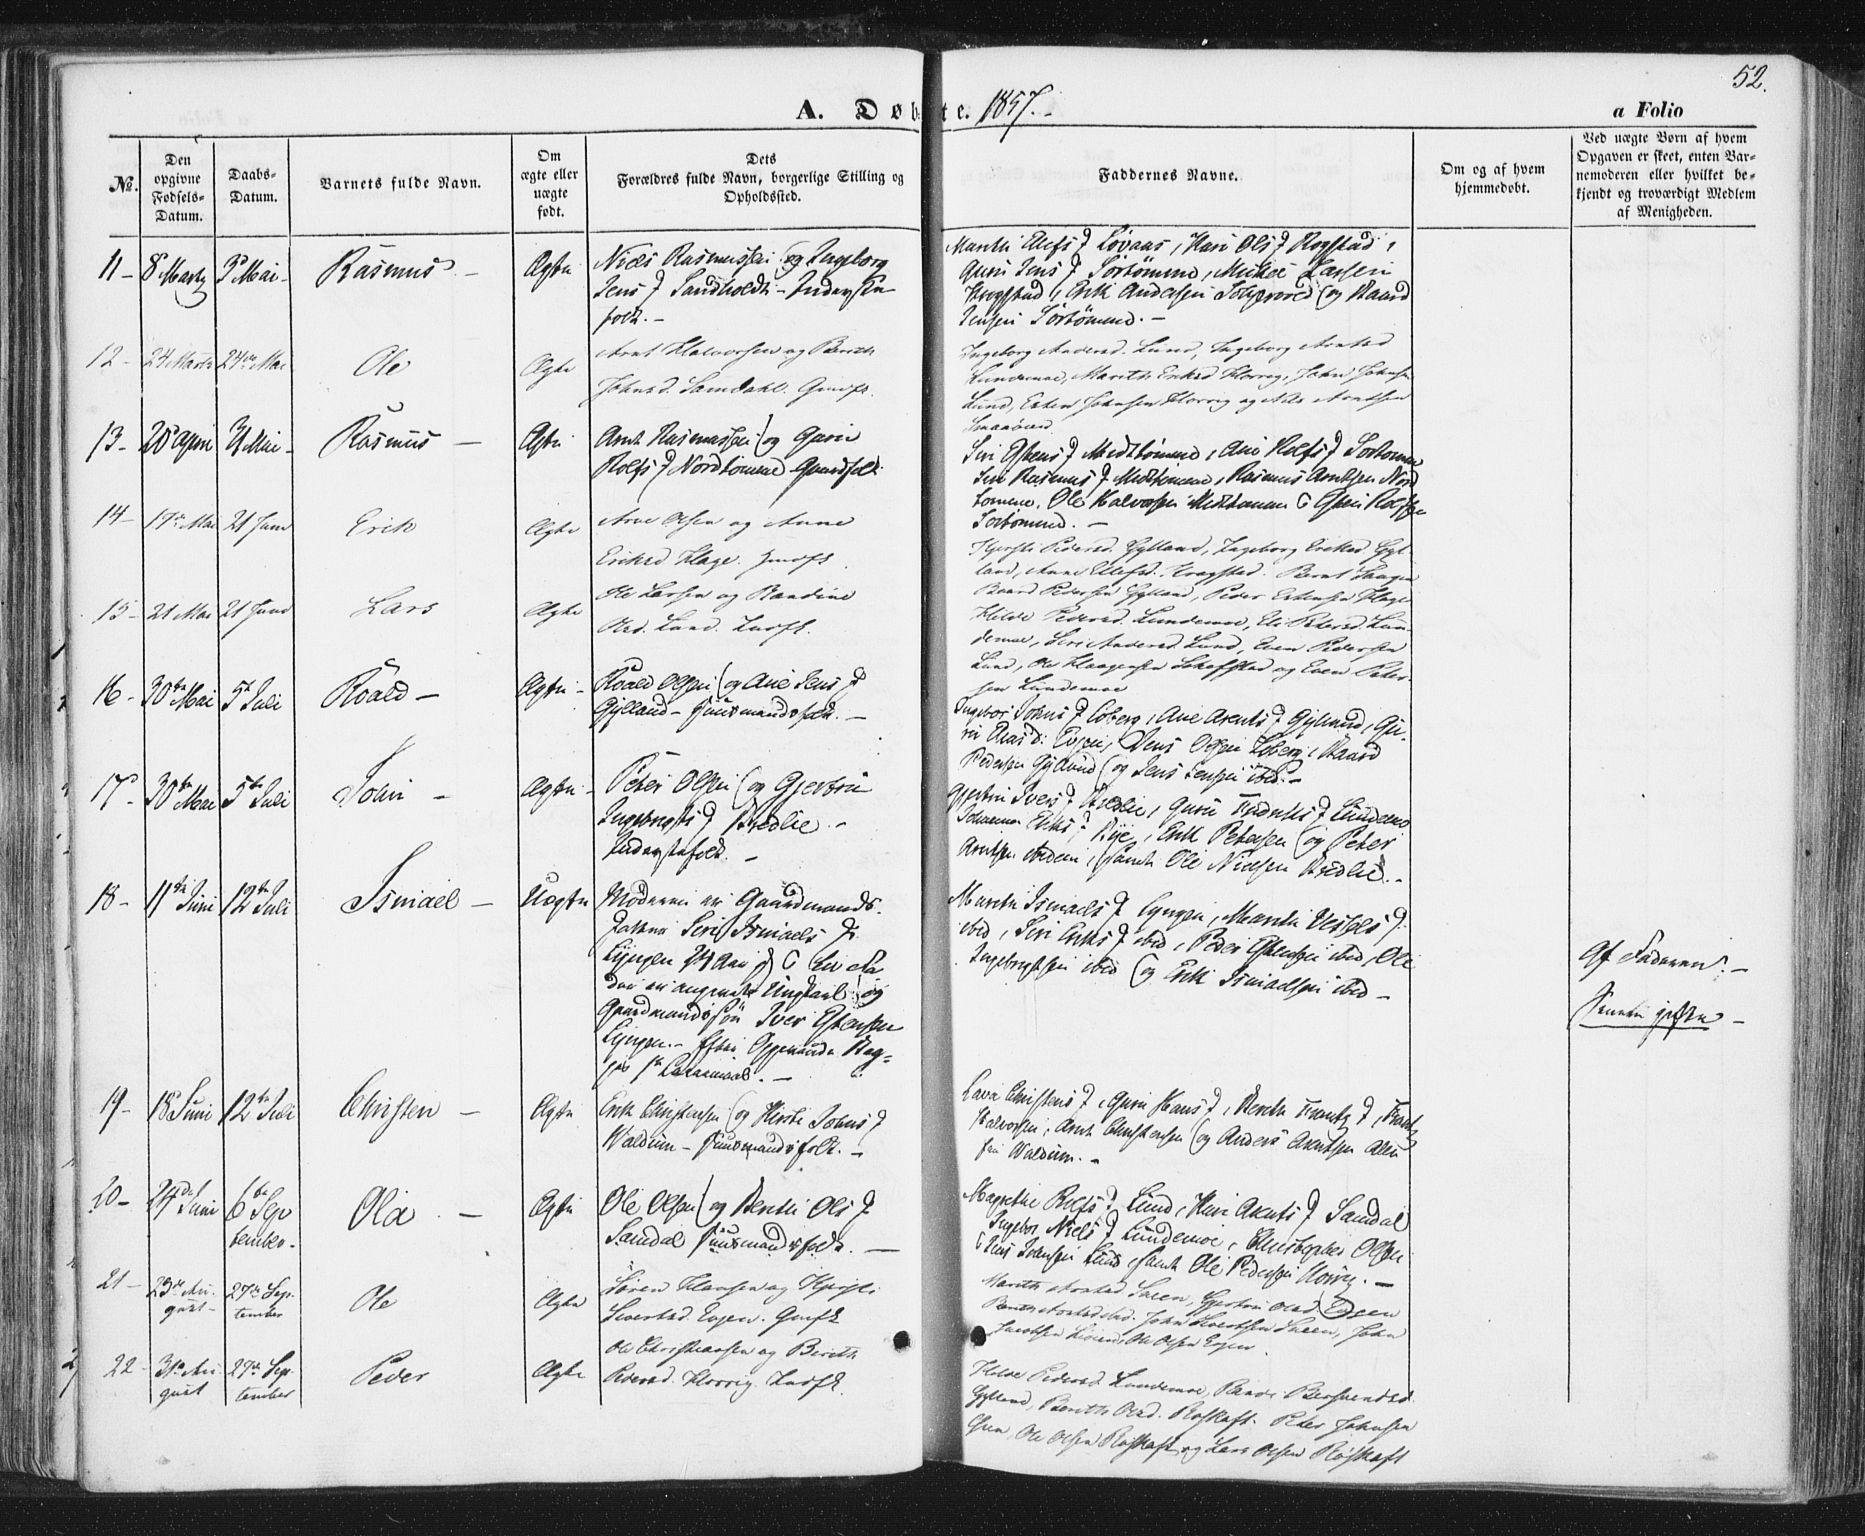 SAT, Ministerialprotokoller, klokkerbøker og fødselsregistre - Sør-Trøndelag, 692/L1103: Ministerialbok nr. 692A03, 1849-1870, s. 52